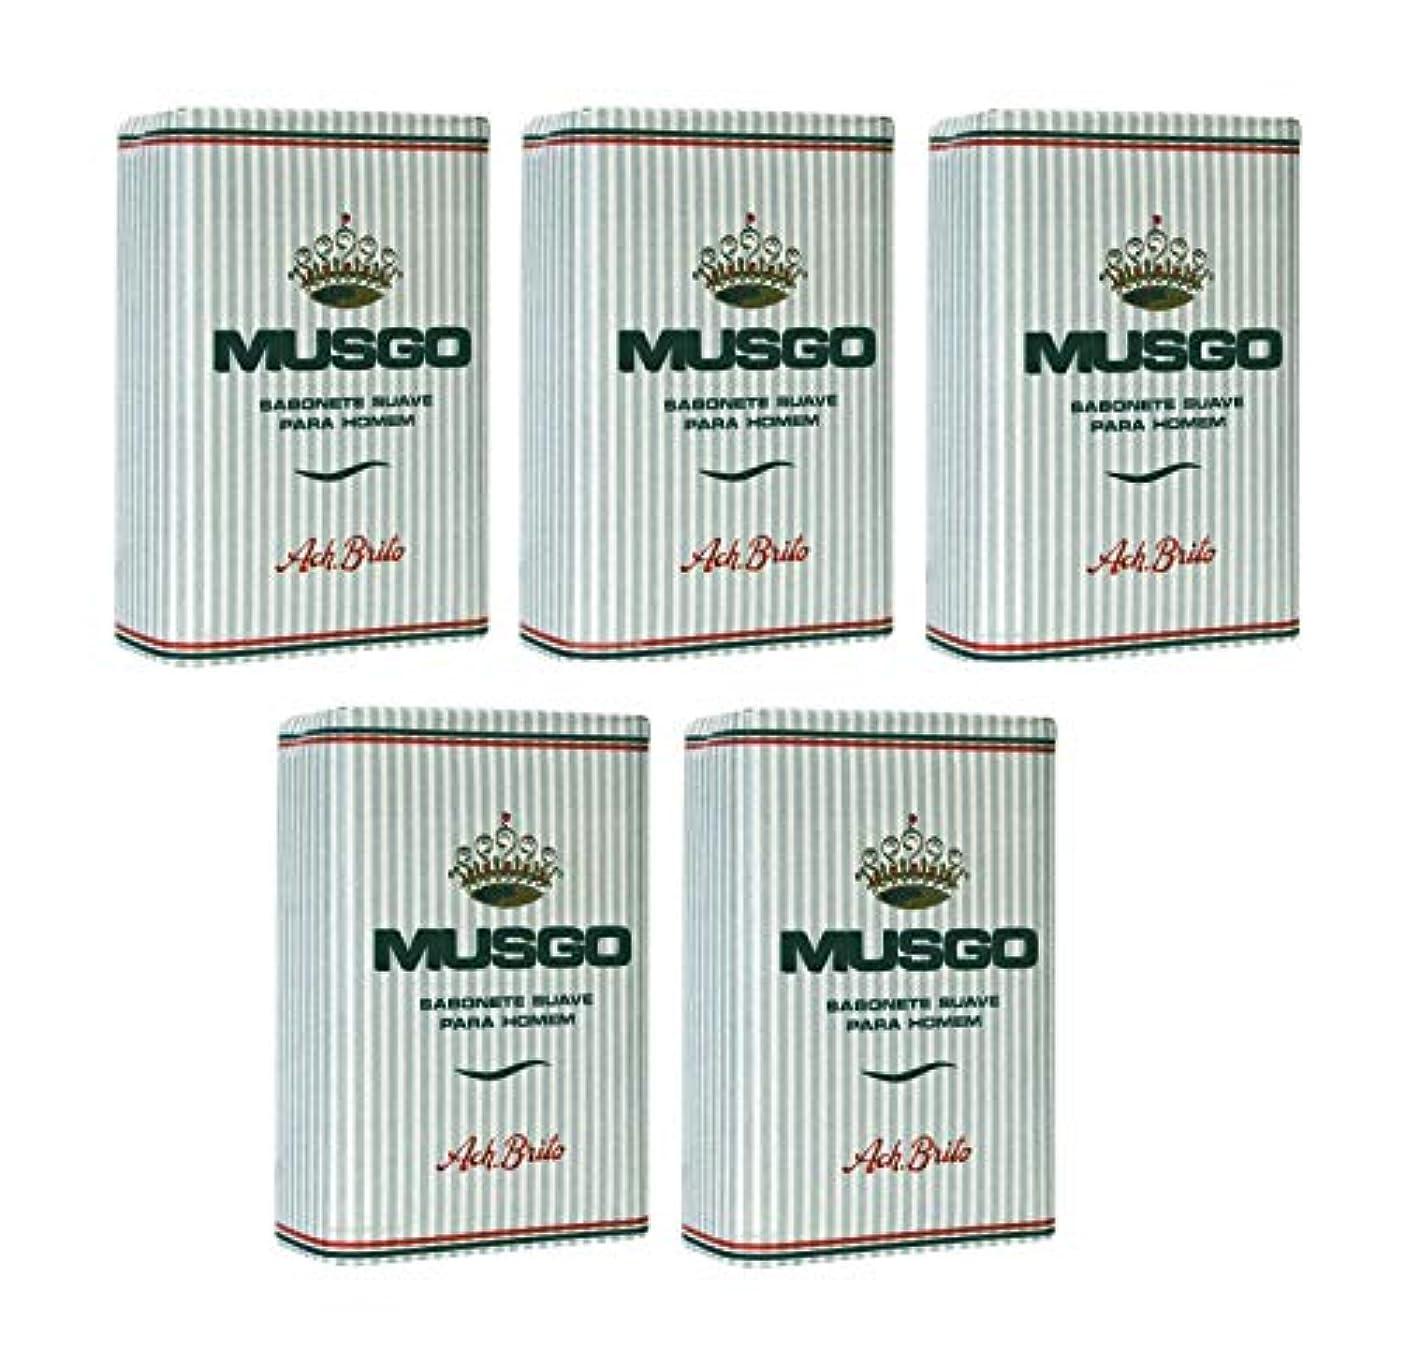 ヘクタールホールド量でMusgo Real Body Soap 「ロイヤルモス」 ボディソープバー 160g x 5個 [並行輸入品]